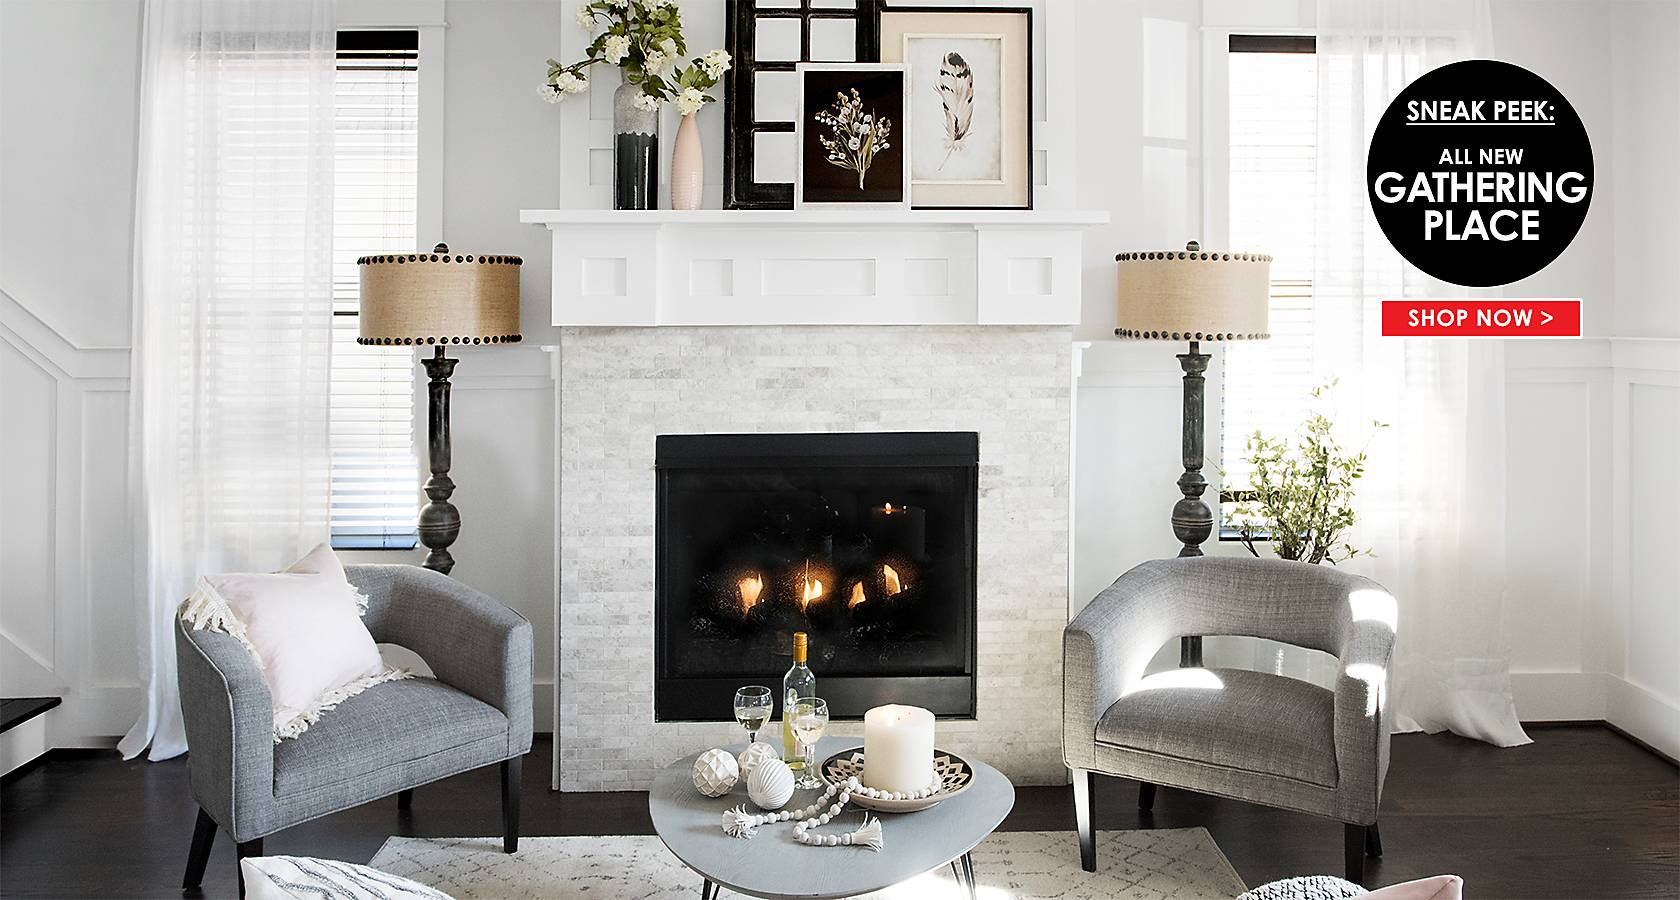 Home Decor, Wall Decor, Furniture, Unique Gifts